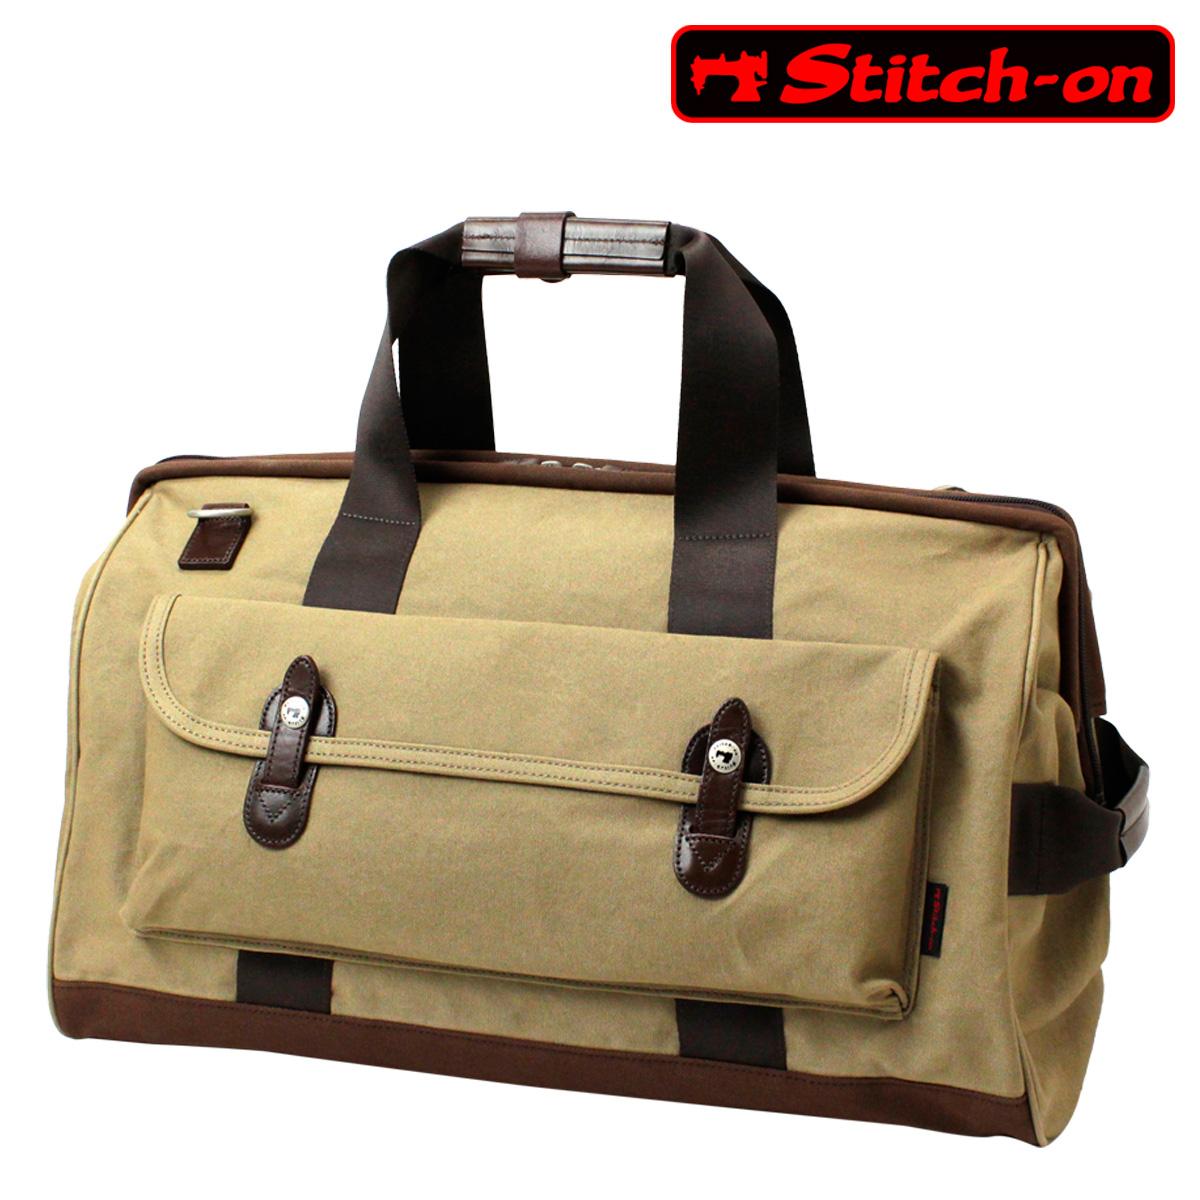 ステッチオン ボストンバッグ 2WAY 帆布シリーズ メンズ 52019 日本製 Stitch-on | ダレスバッグ ダレスボストン 旅行 豊岡 10号帆布[PO10][bef]